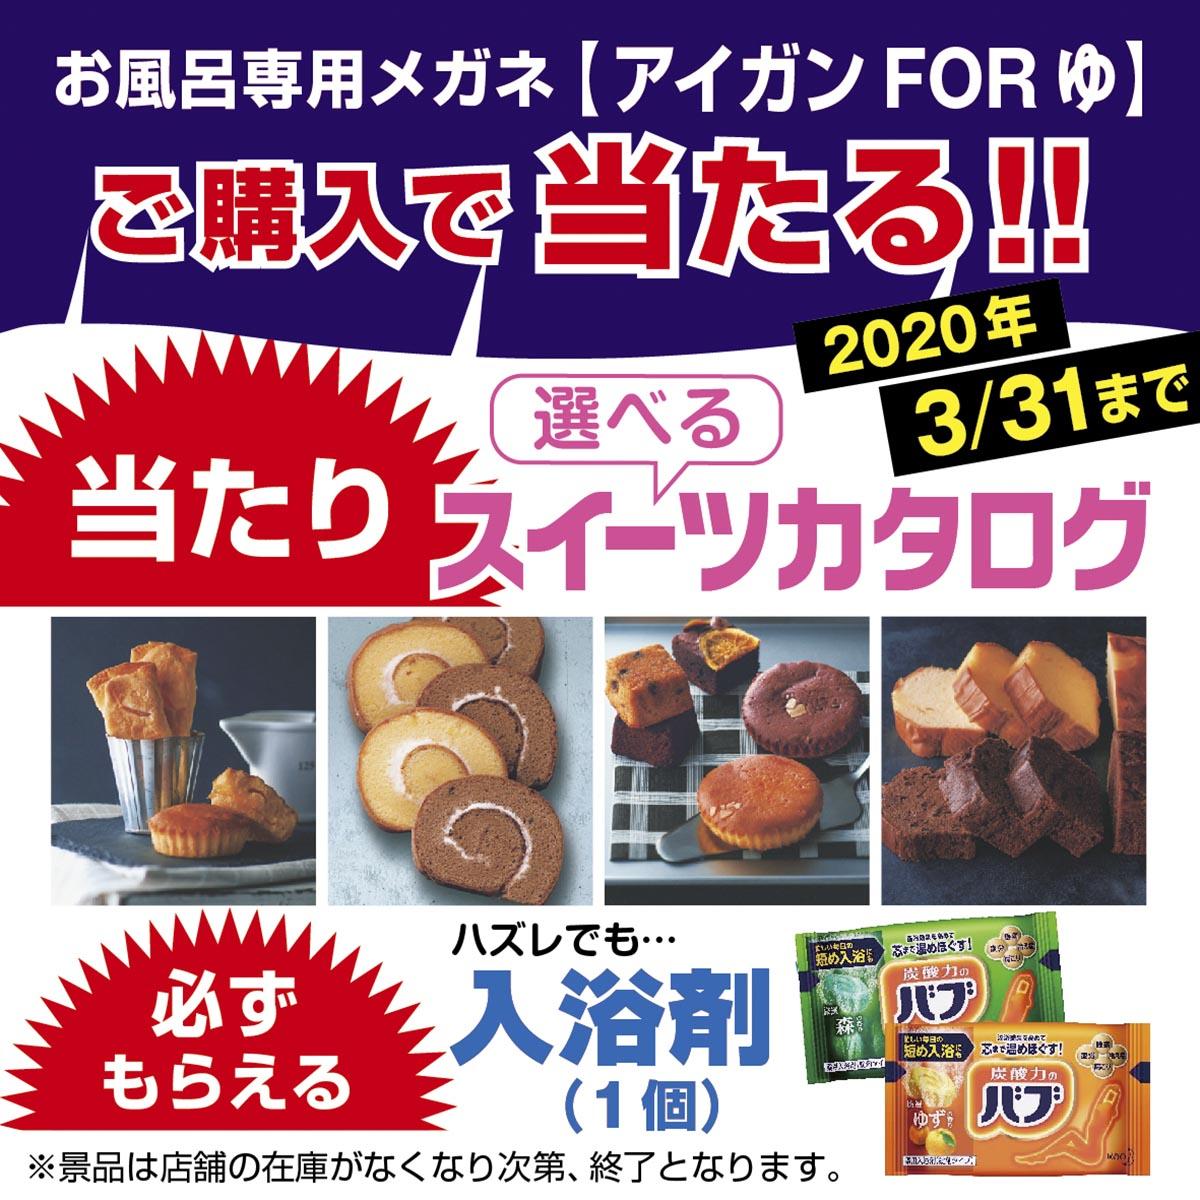 お風呂用メガネ For湯キャンペーン:イメージ